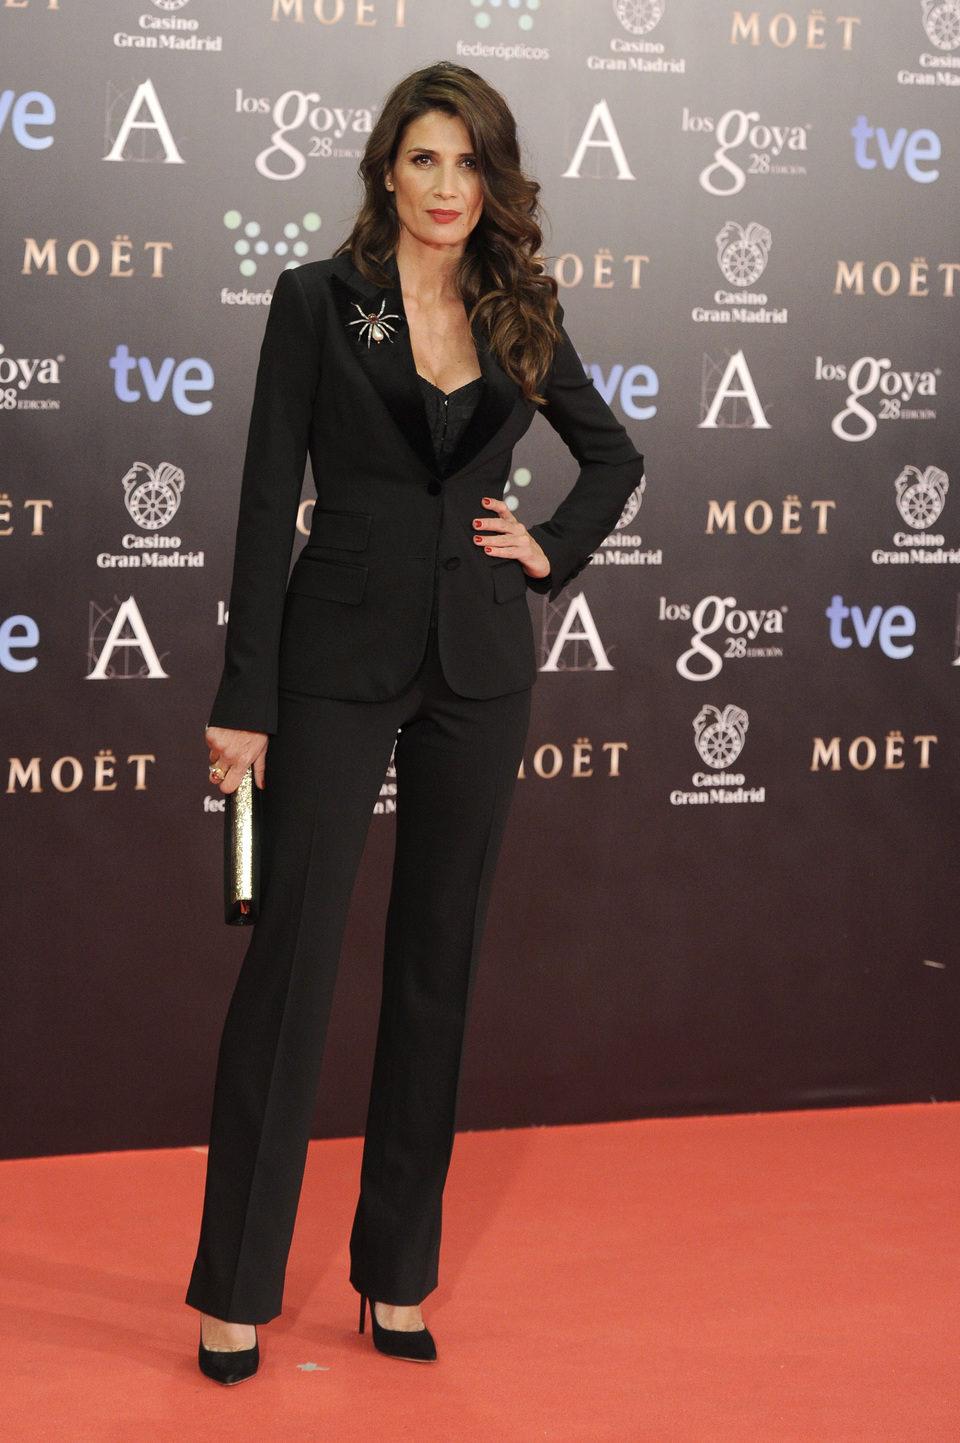 Elia Galera en la alfombra roja de los Premios Goya 2014